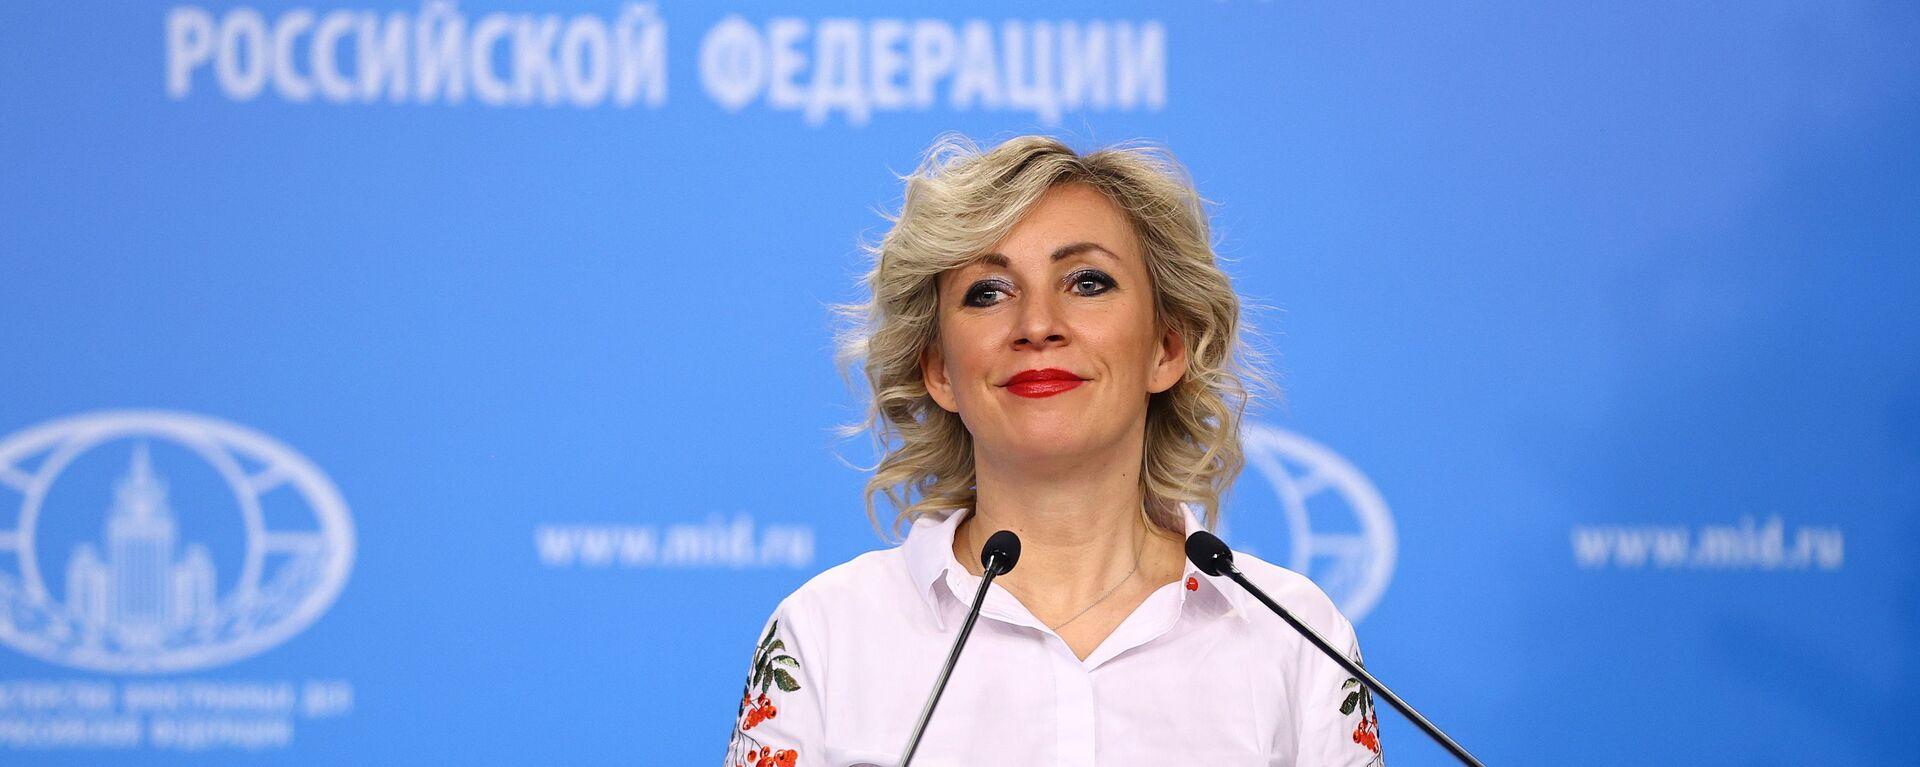 María Zajárova, portavoz del ministerio de Asuntos Exteriores de Rusia - Sputnik Mundo, 1920, 09.03.2021